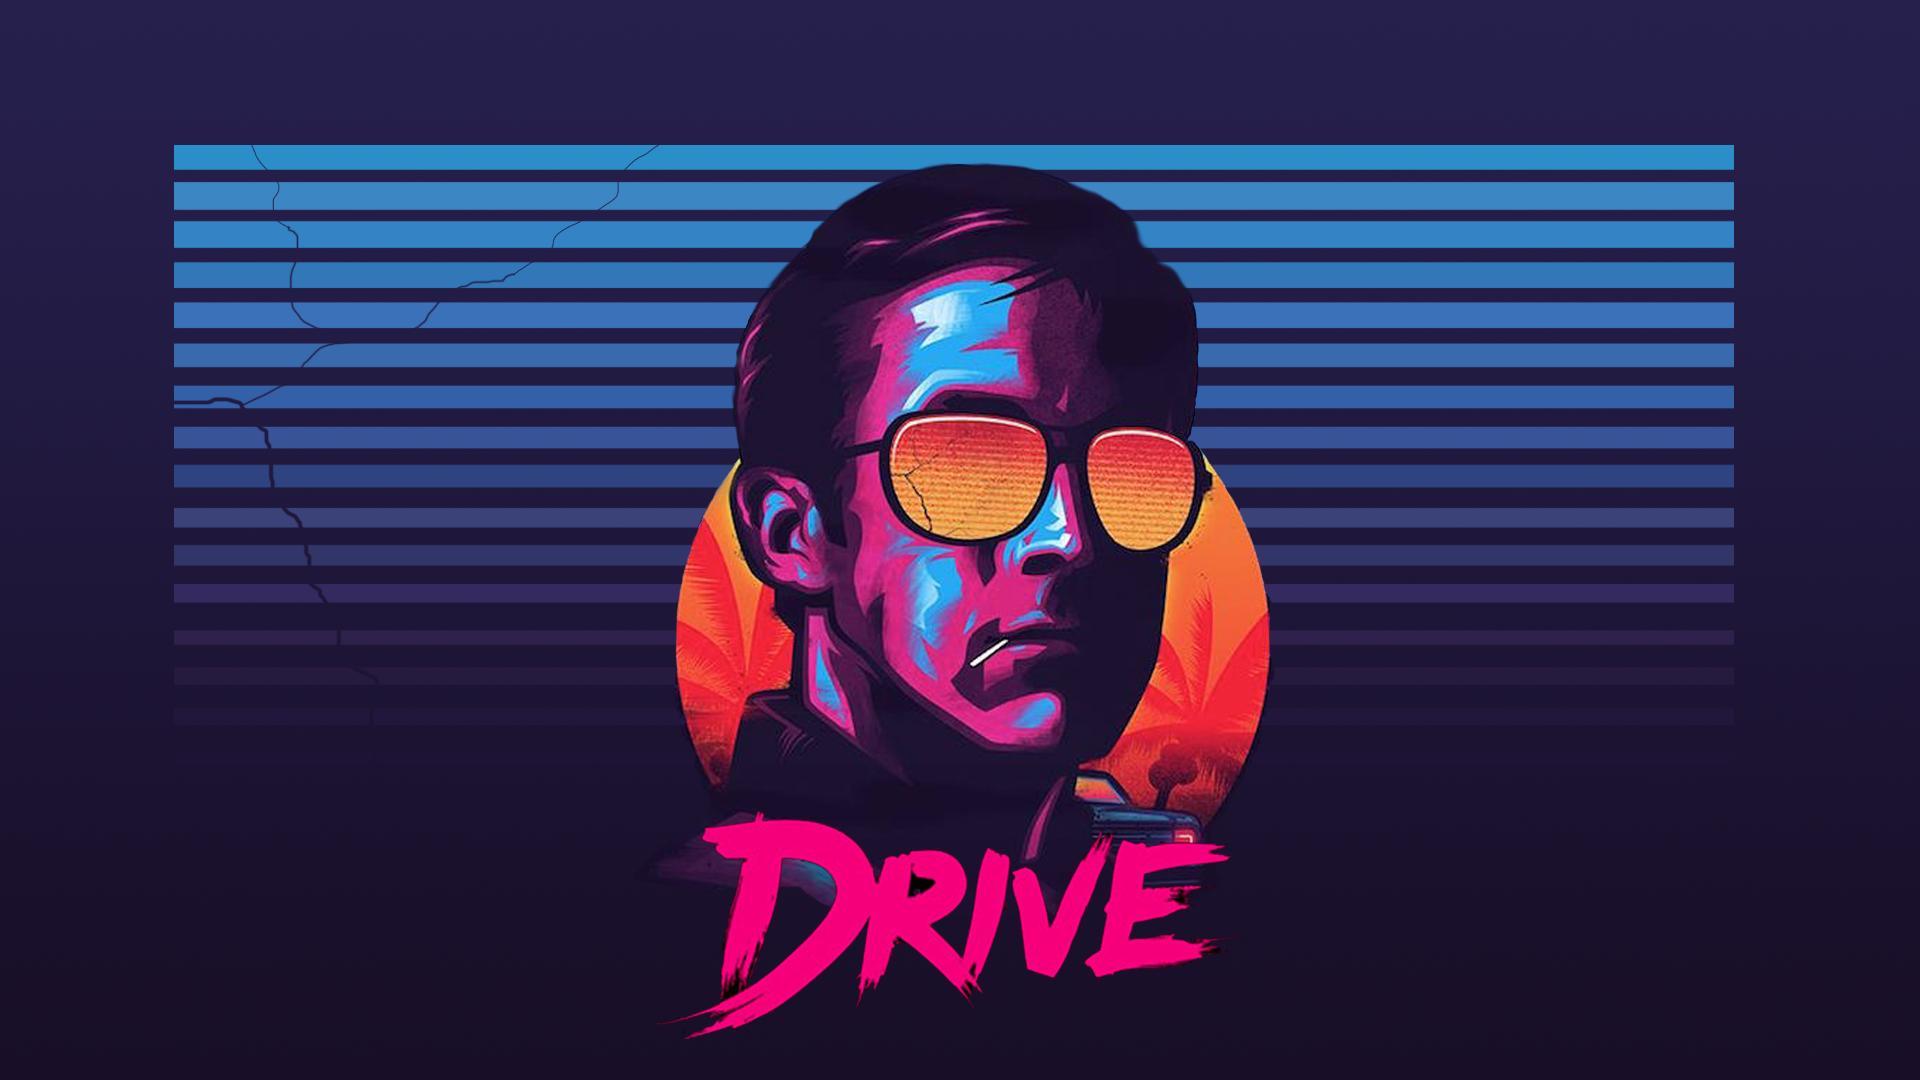 Drive Wallpaper - WallpaperSafari Ryan Gosling Drive